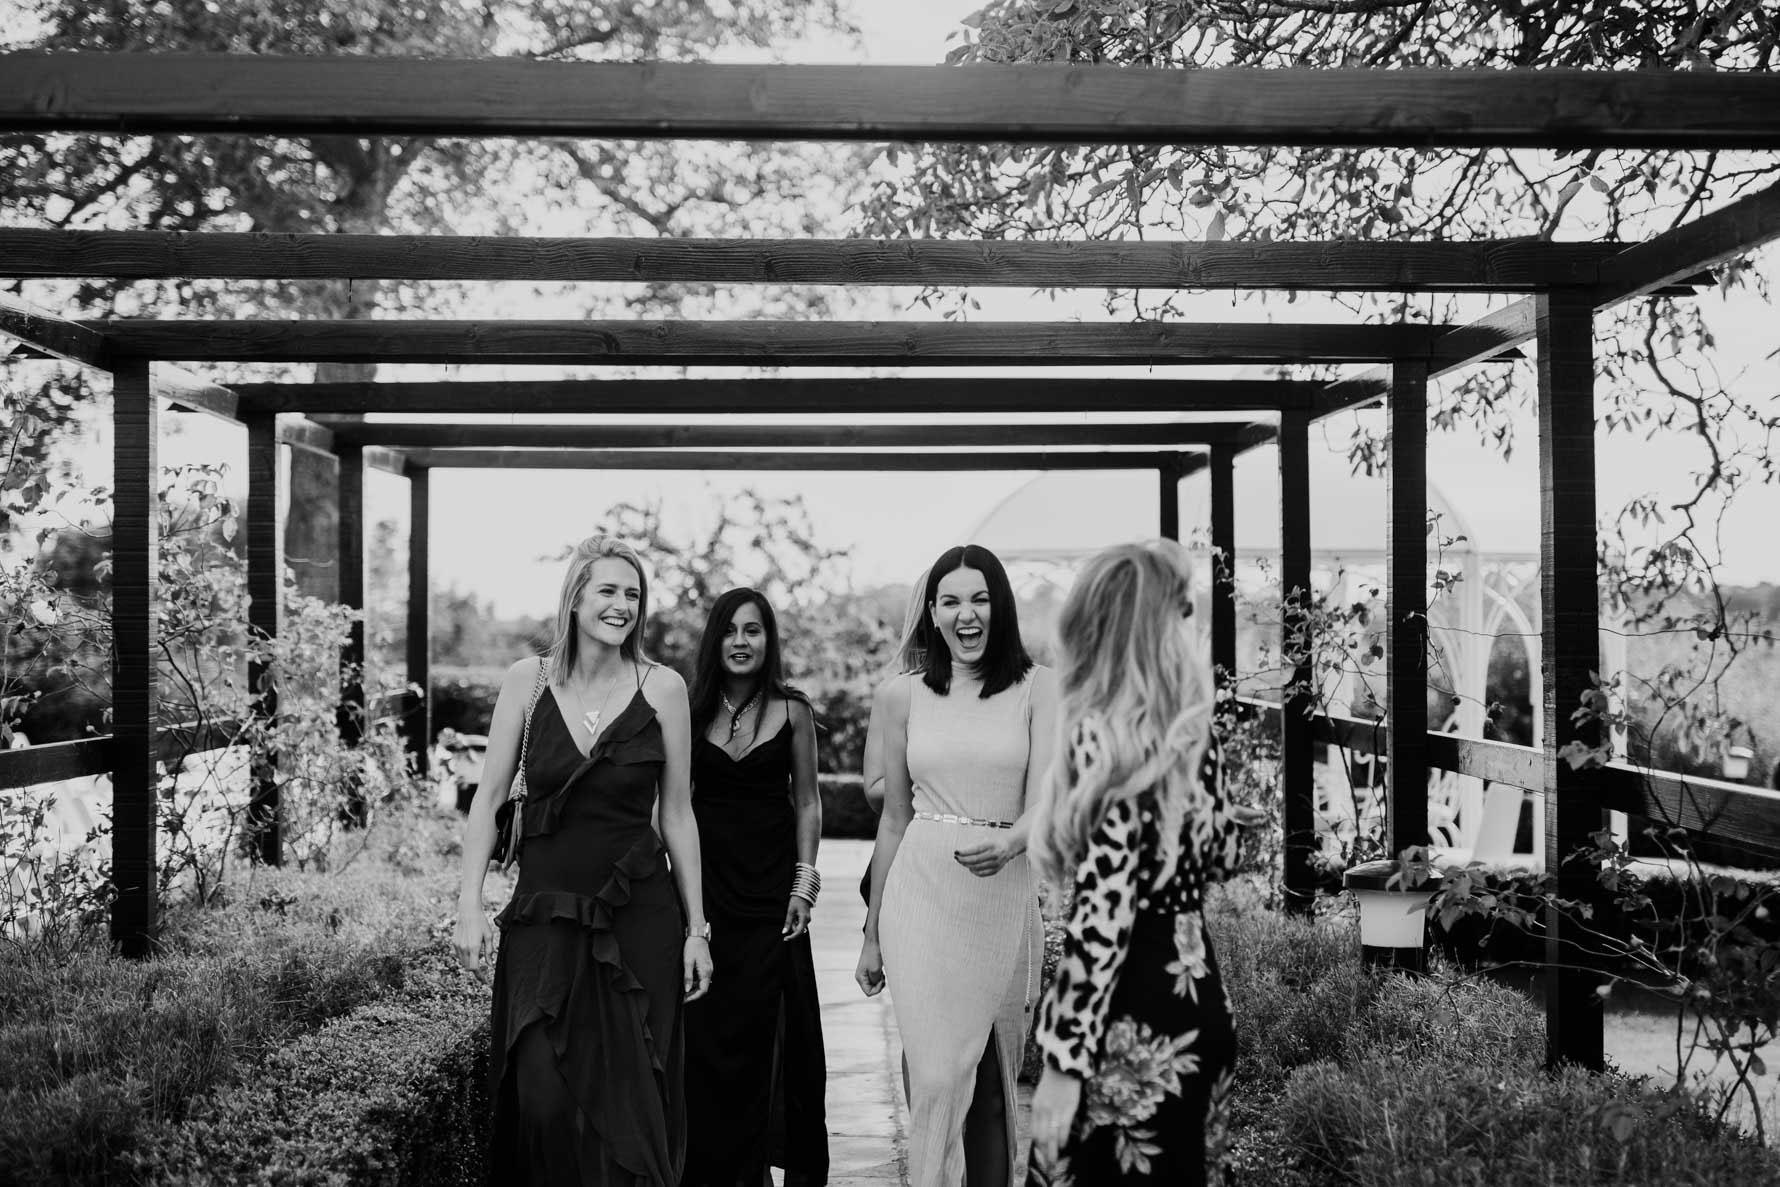 four wedding guests walking through a garden